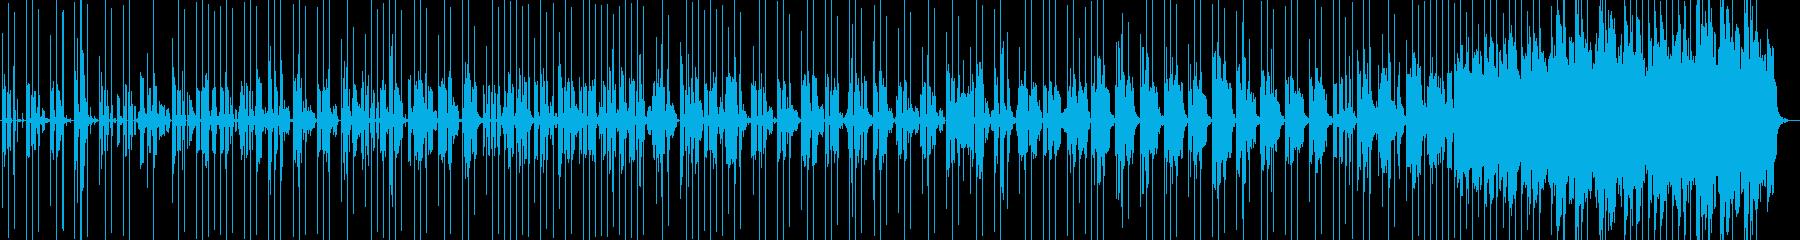 ロボットが会話してるような音楽の再生済みの波形